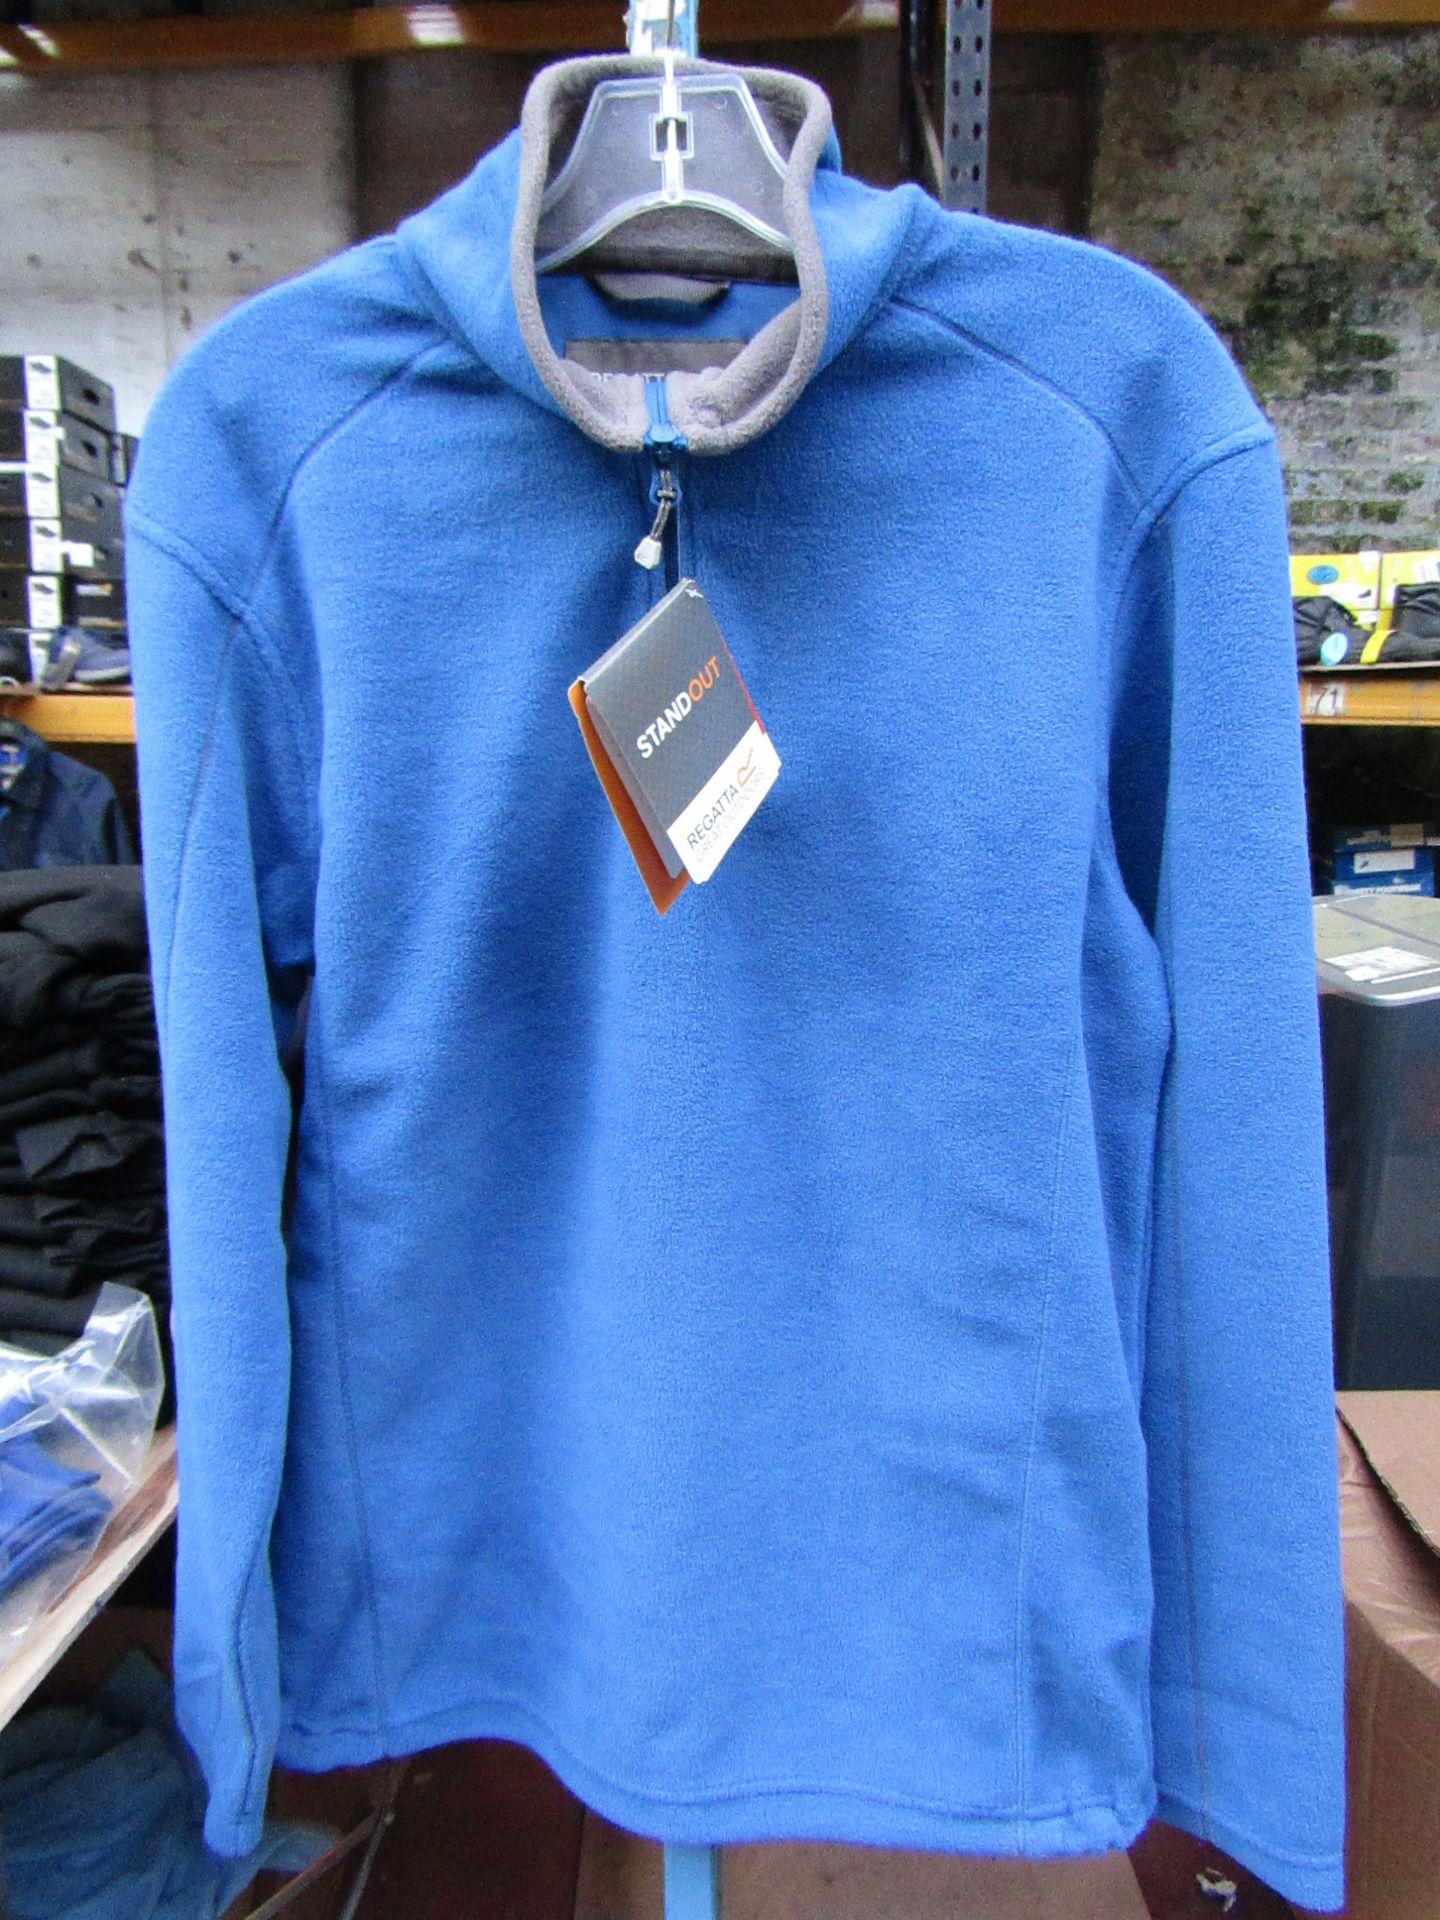 Lot 49 - Men's Regatta Professional Fleece Oxford Blue/ Smoke. Size S. new in Packaging